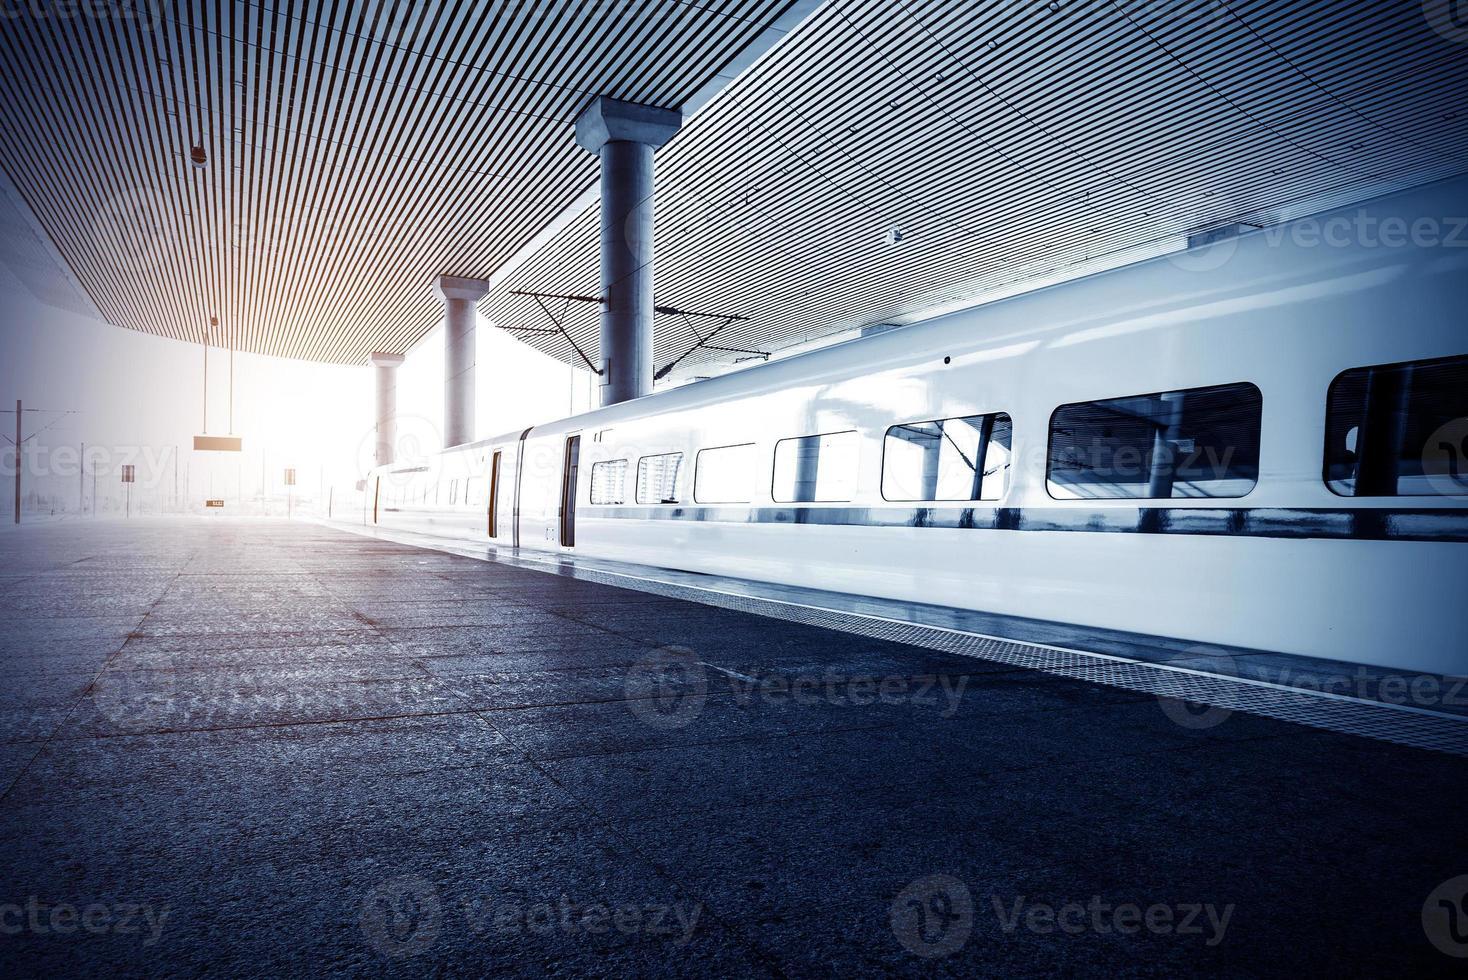 estación de tren foto